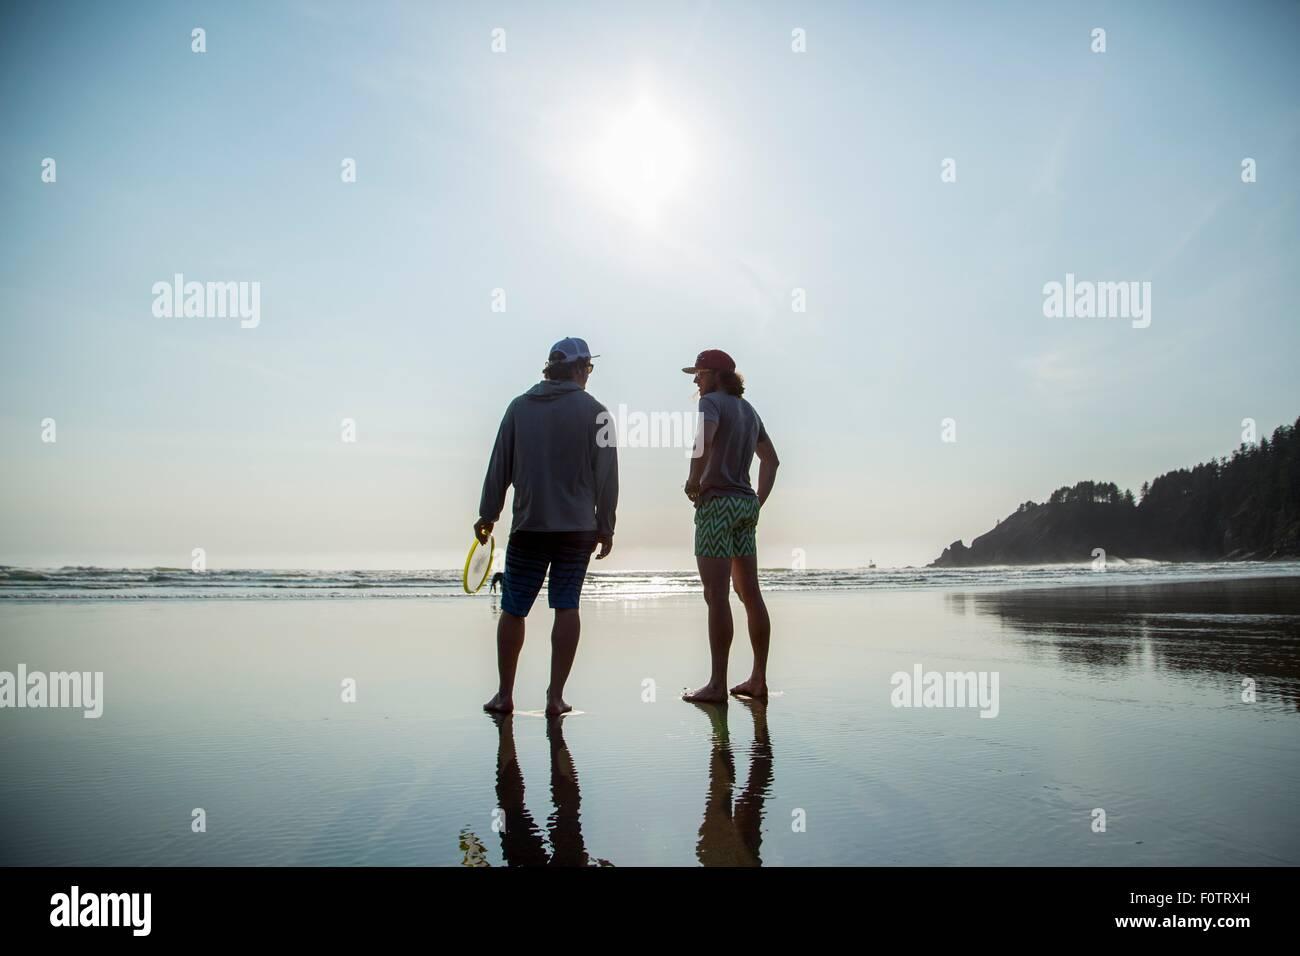 Stagliano posteriore vista di due giovani uomini in chat su brevi Sands Beach, Oregon, Stati Uniti d'America Immagini Stock